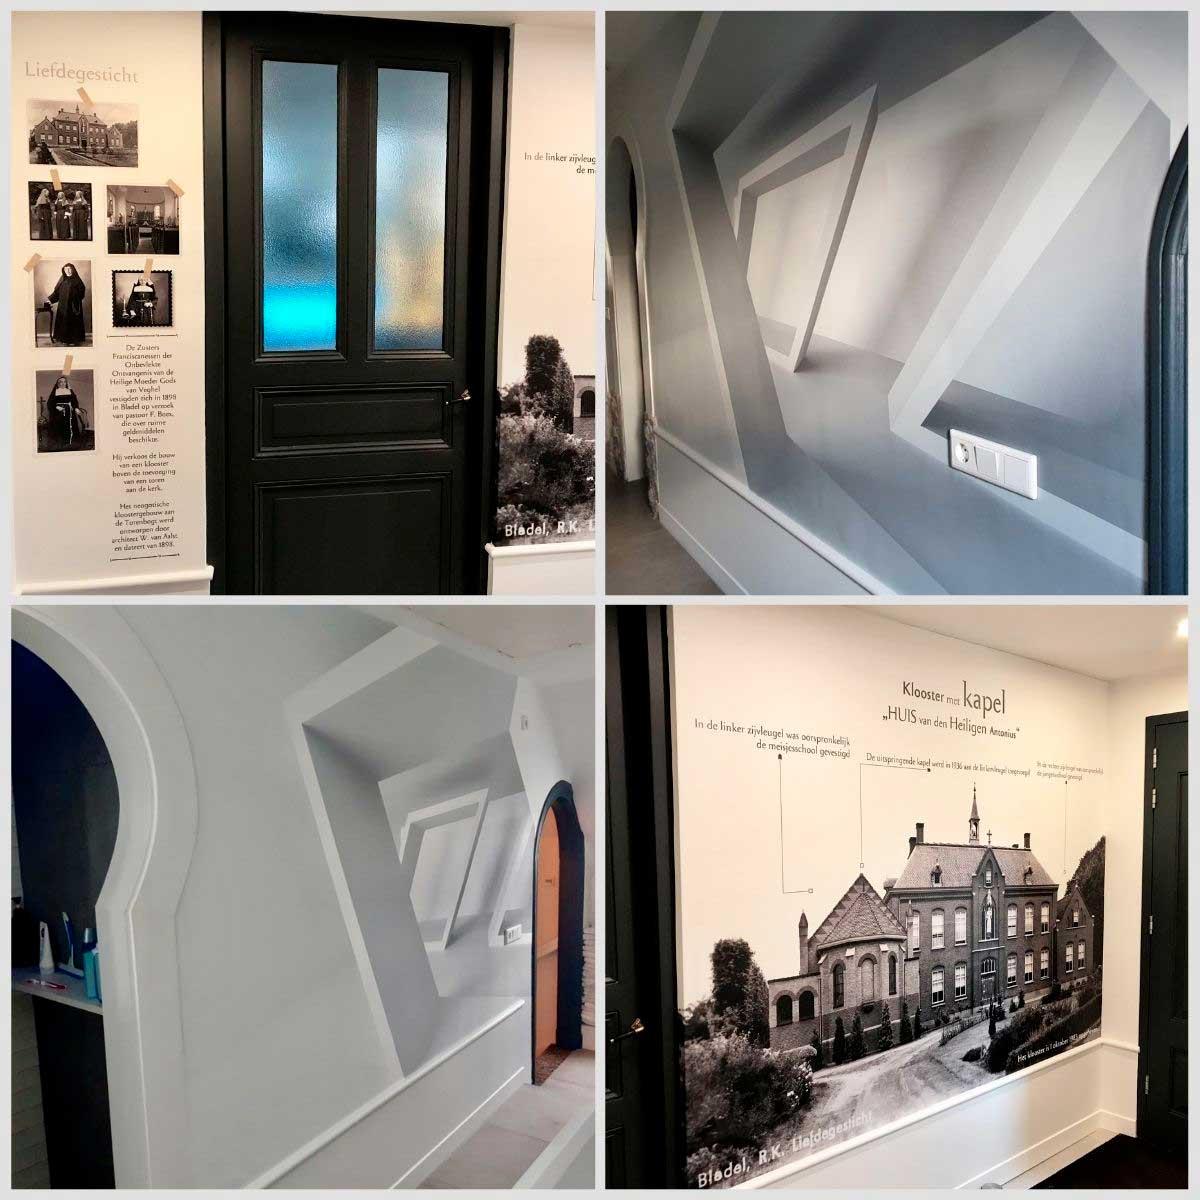 Ontwerp en realisatie design fotobehang in badkamer en hal.